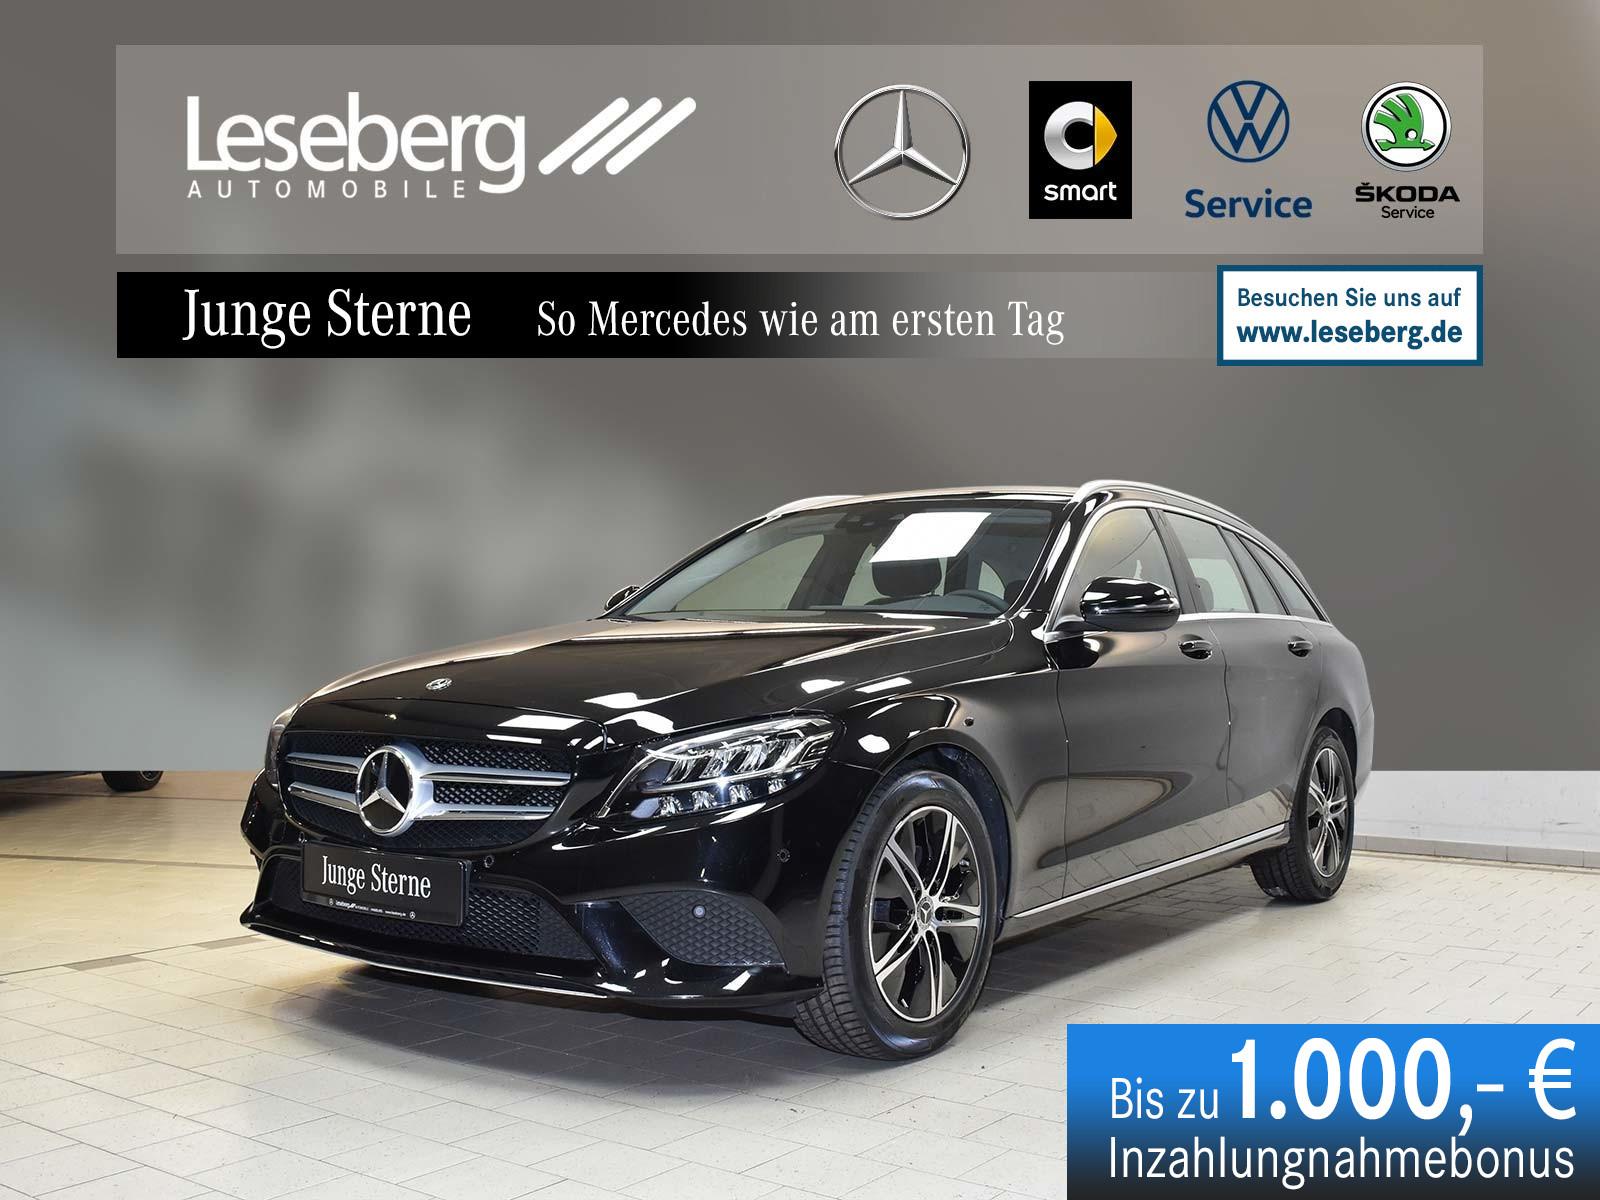 Mercedes-Benz C 180 T Avantgarde/Kamera/AHK/Navi/LED/9G/Totwin, Jahr 2020, Benzin